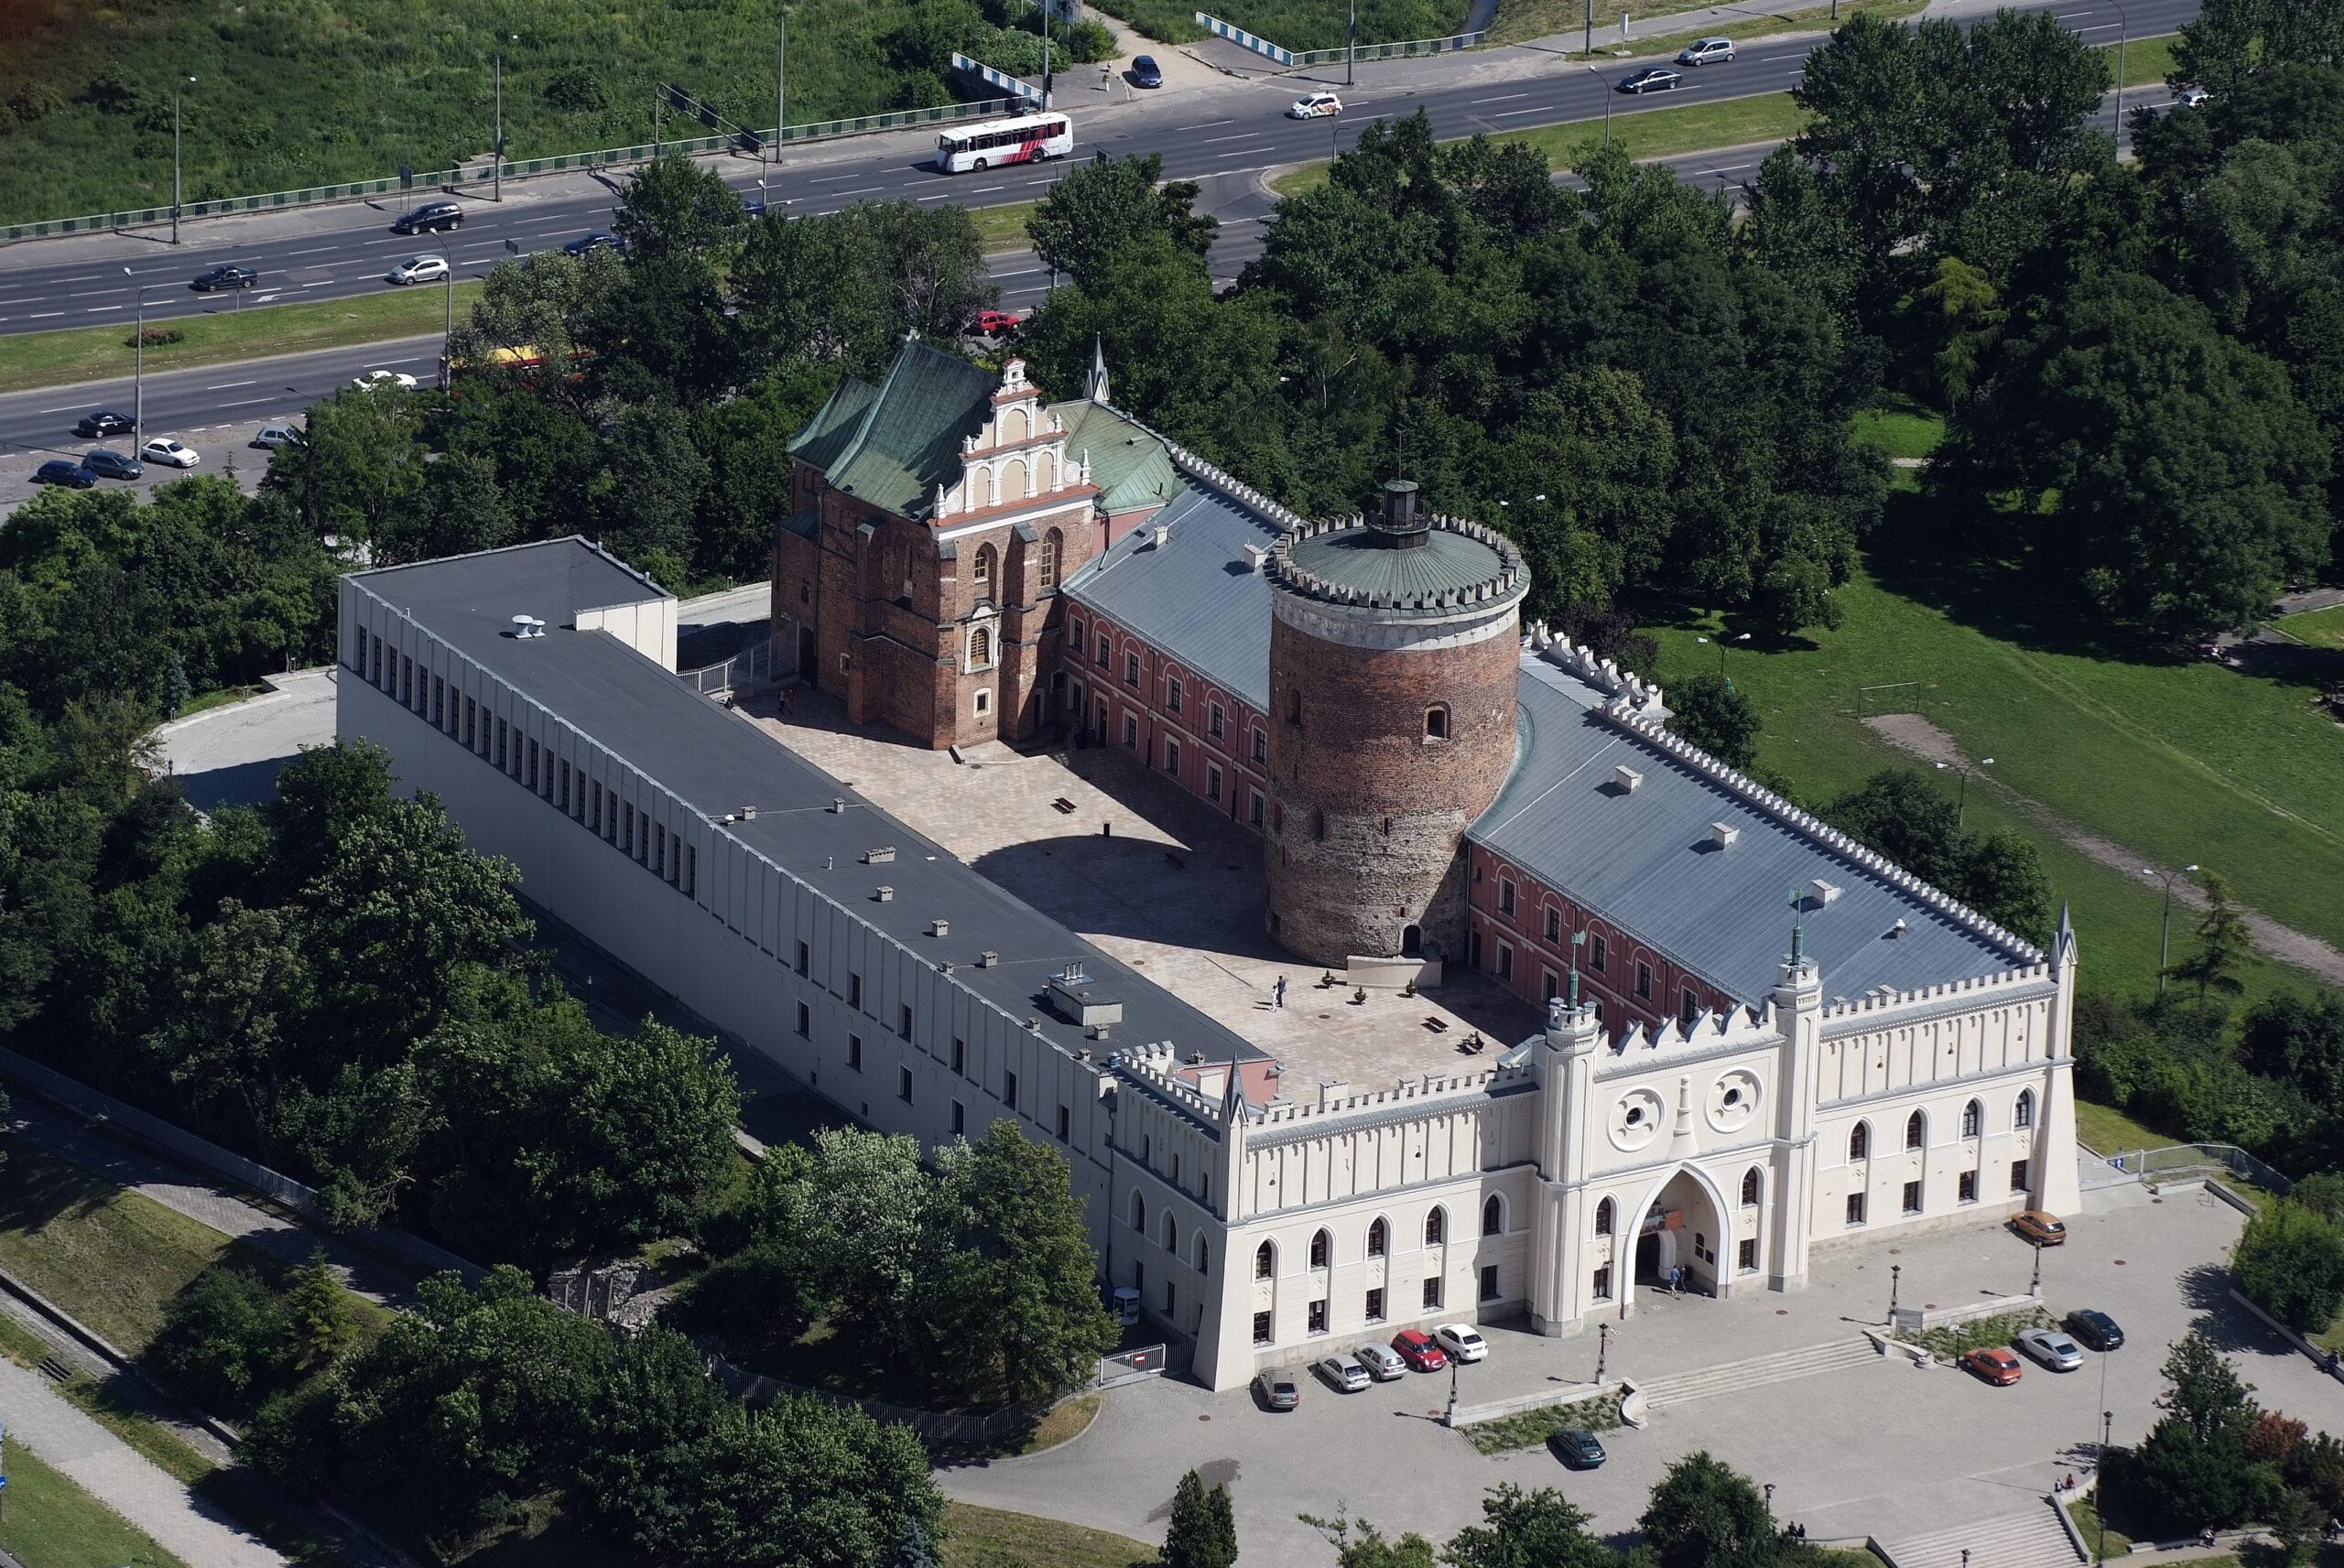 Fotografia. Widok z lotu ptaka na wzgórze zamkowe - budynek muzeum w kształcie litery U oraz przylegające do niego budowle - wieżę oraz kaplicę.